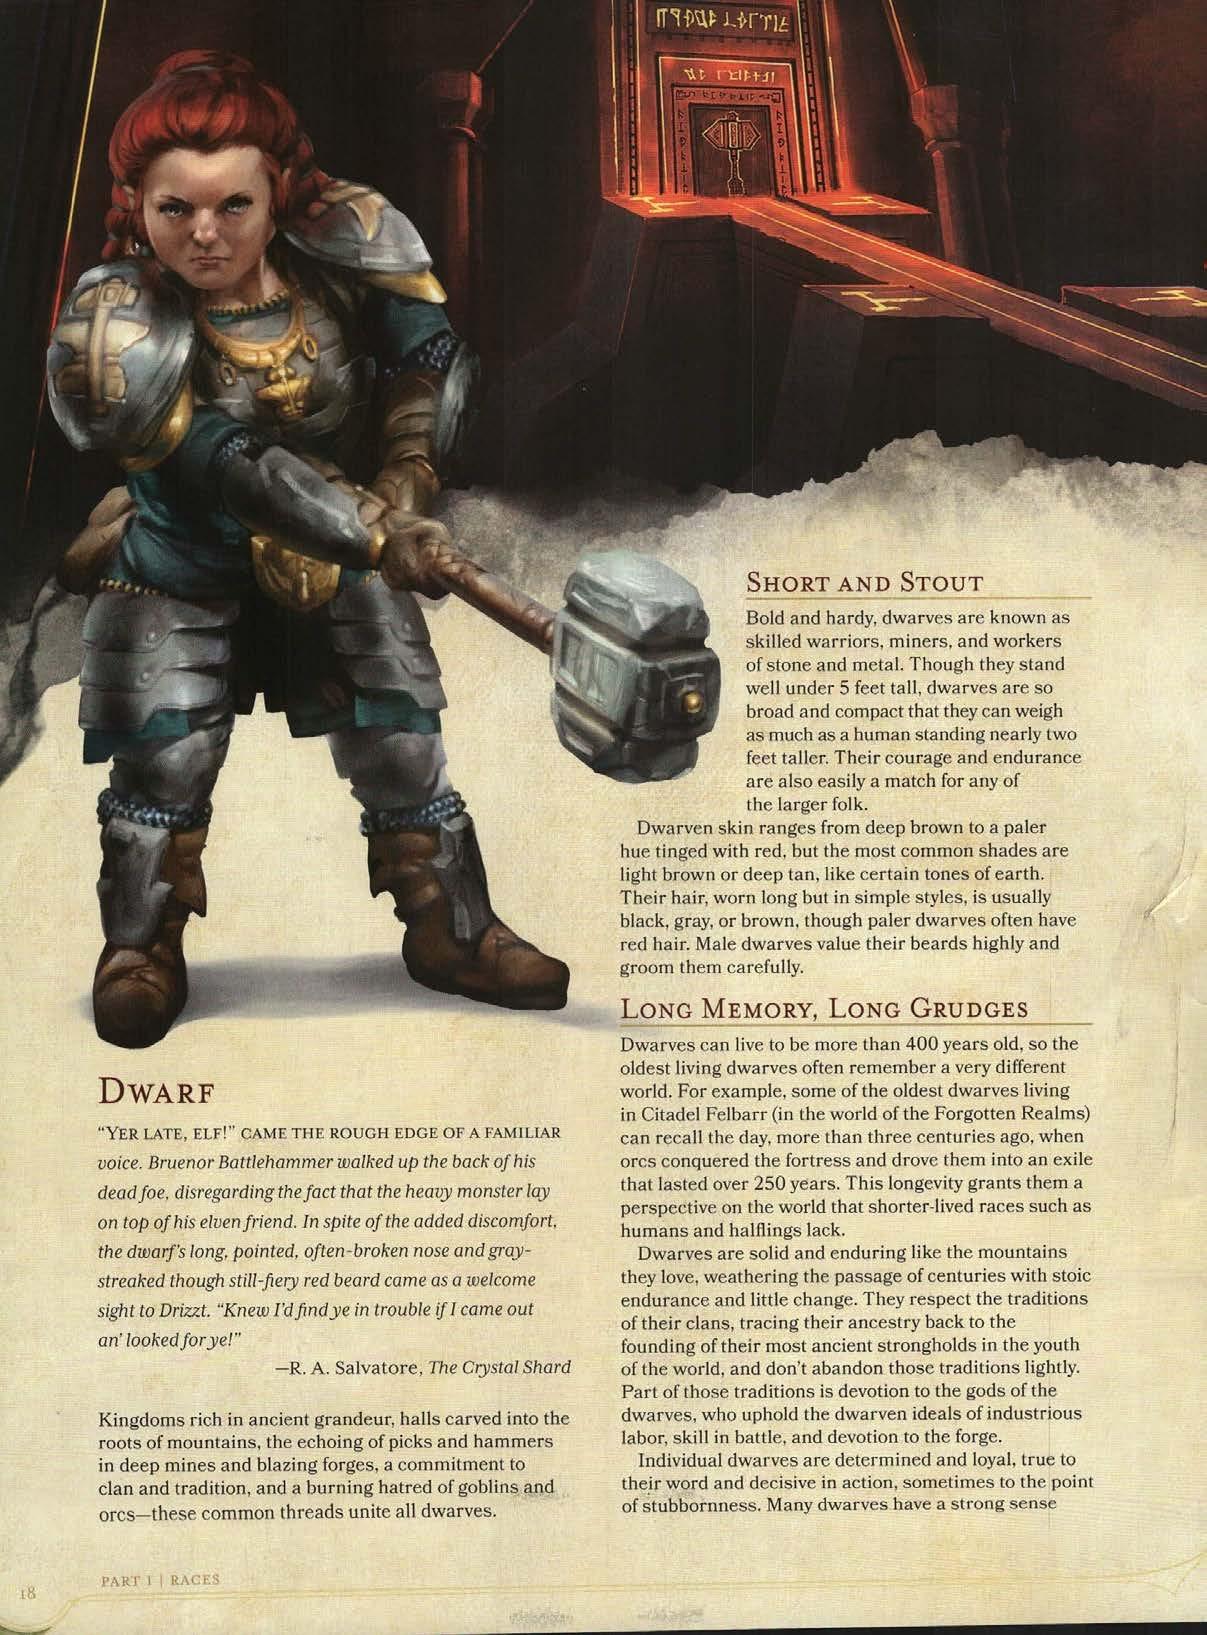 Dwarf description 1